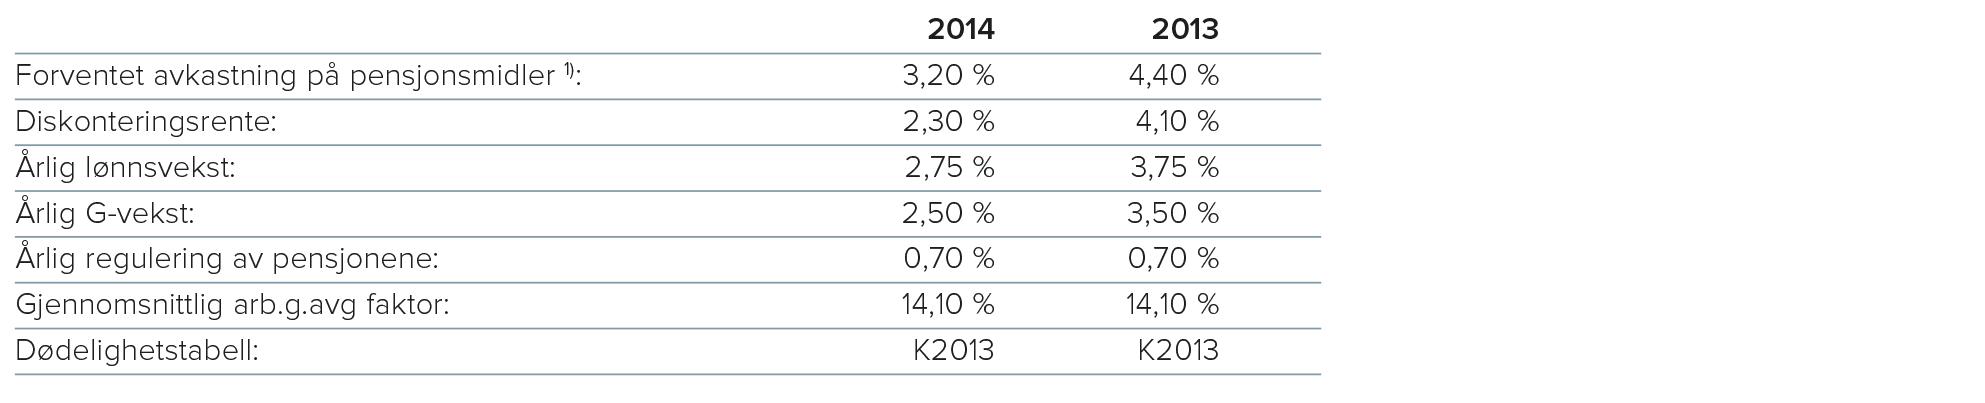 1) Virkelig avkastning på pensjonsmidlene i 2014, utgjorde 6,6 prosent.